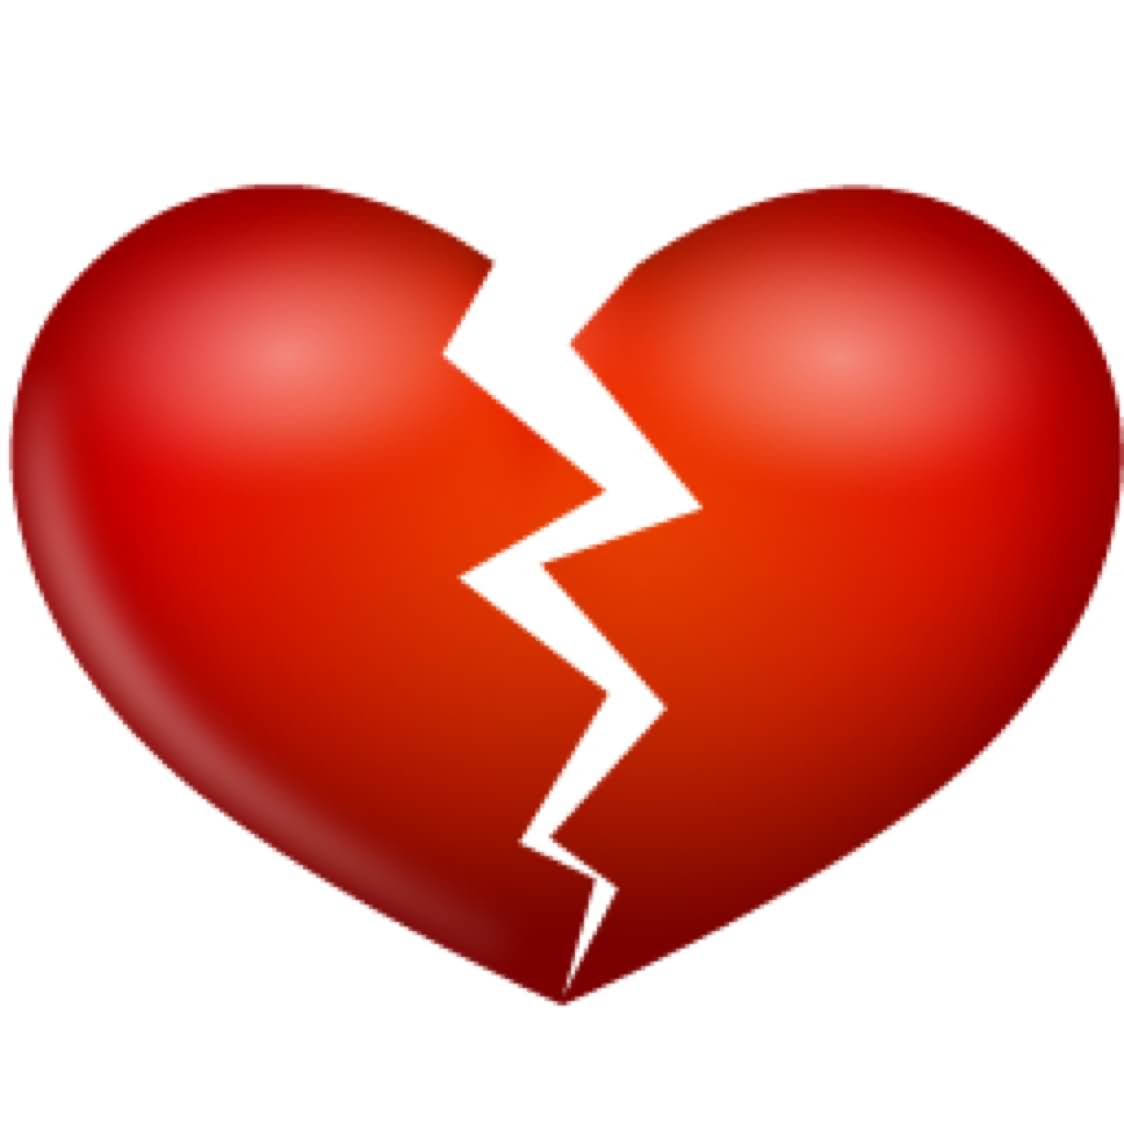 27 latest heart broken pictures red simple broken heart buycottarizona